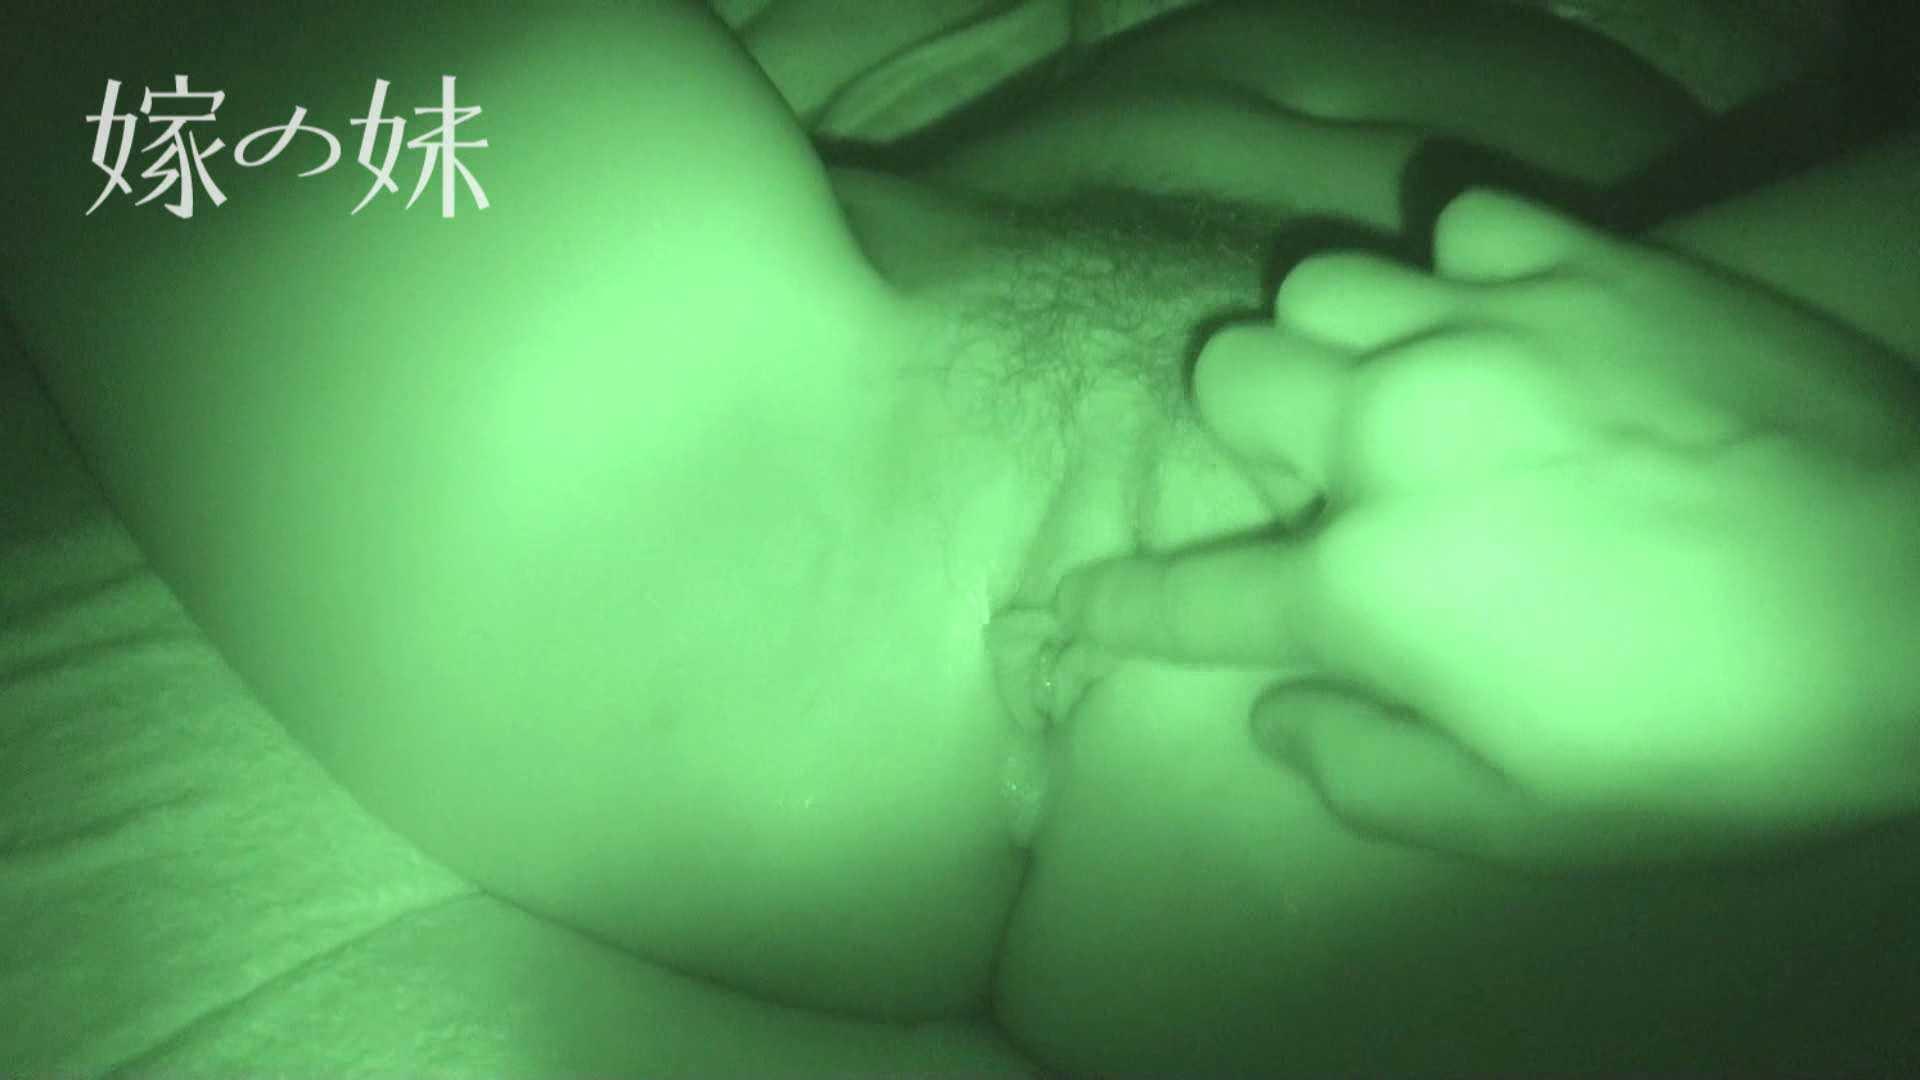 居候中の嫁の妹 vol.3 美しいOLの裸体 | 性欲  79pic 17